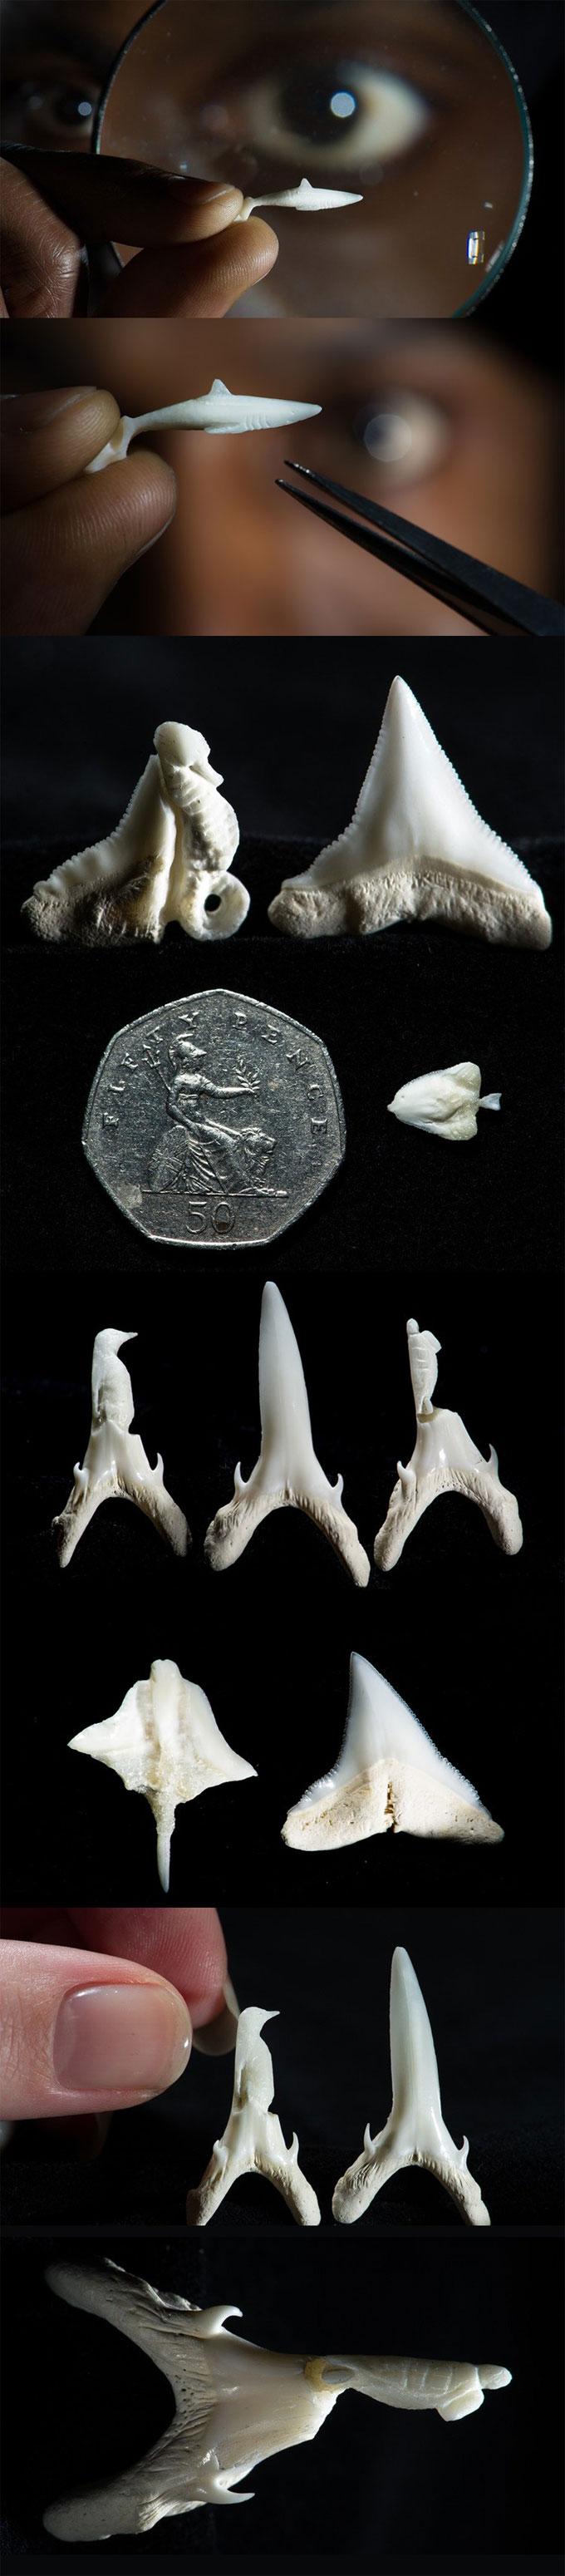 Микро-скульптуры животных из зубов акулы